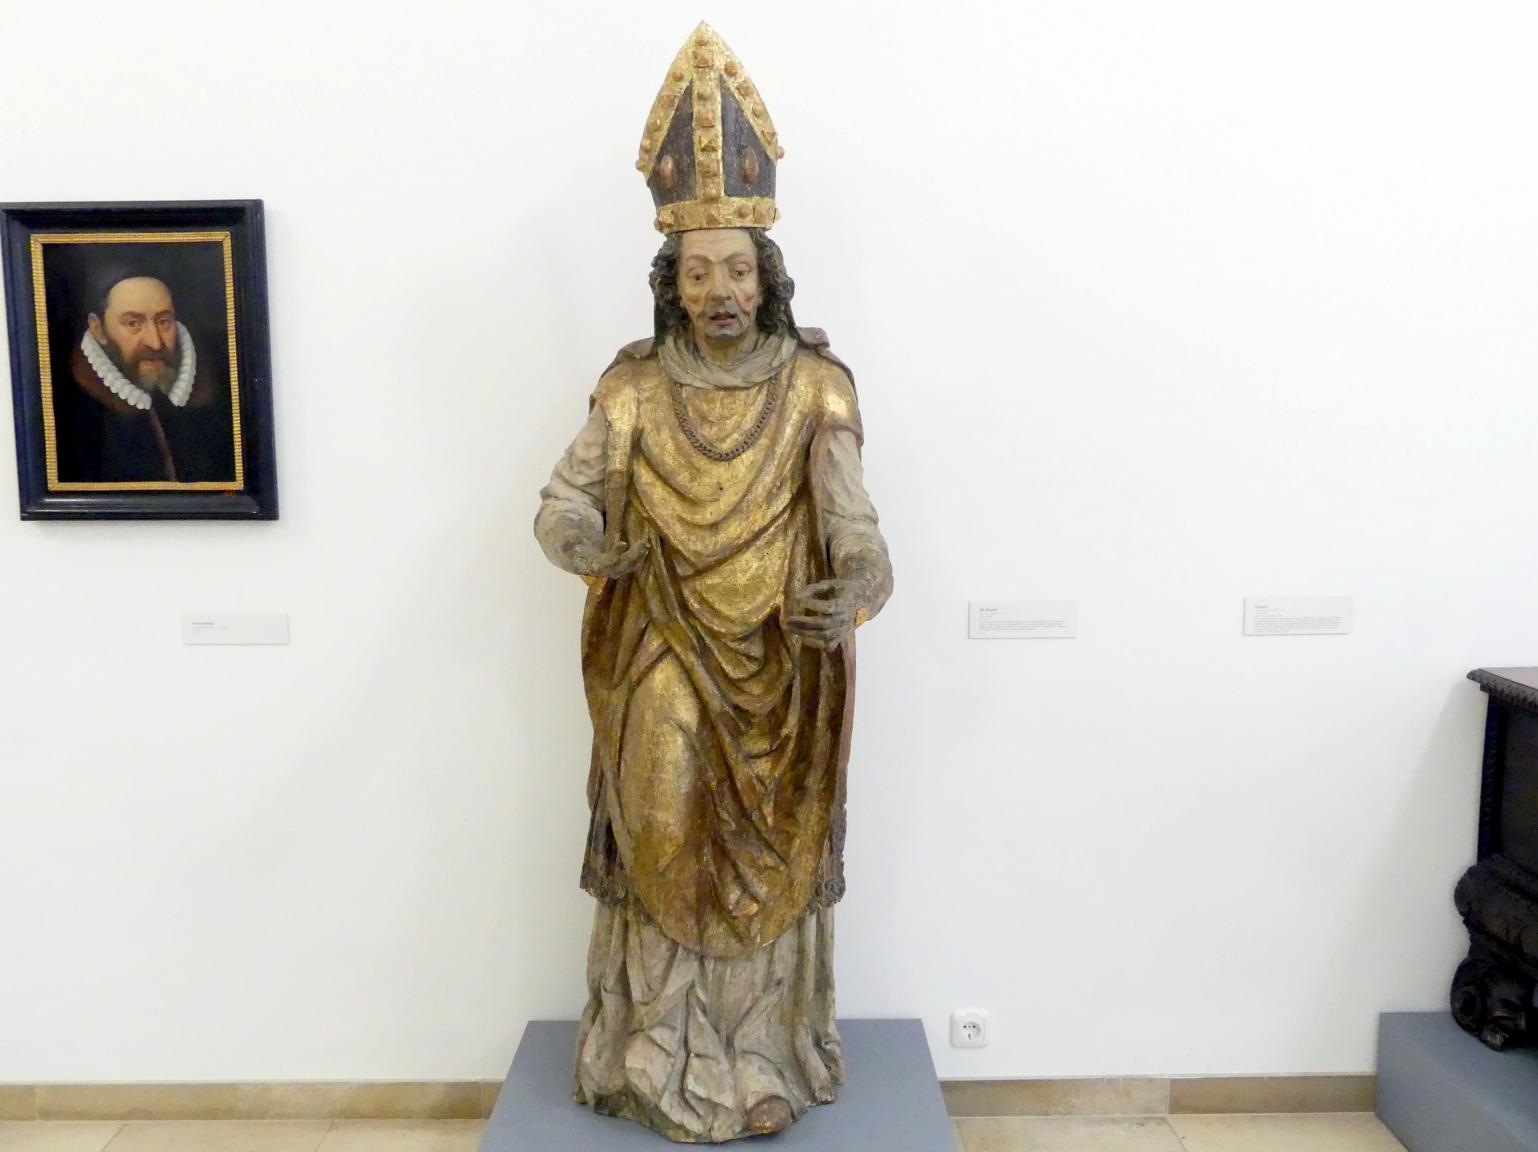 Hl. Bischof, 2. Hälfte 16. Jhd.